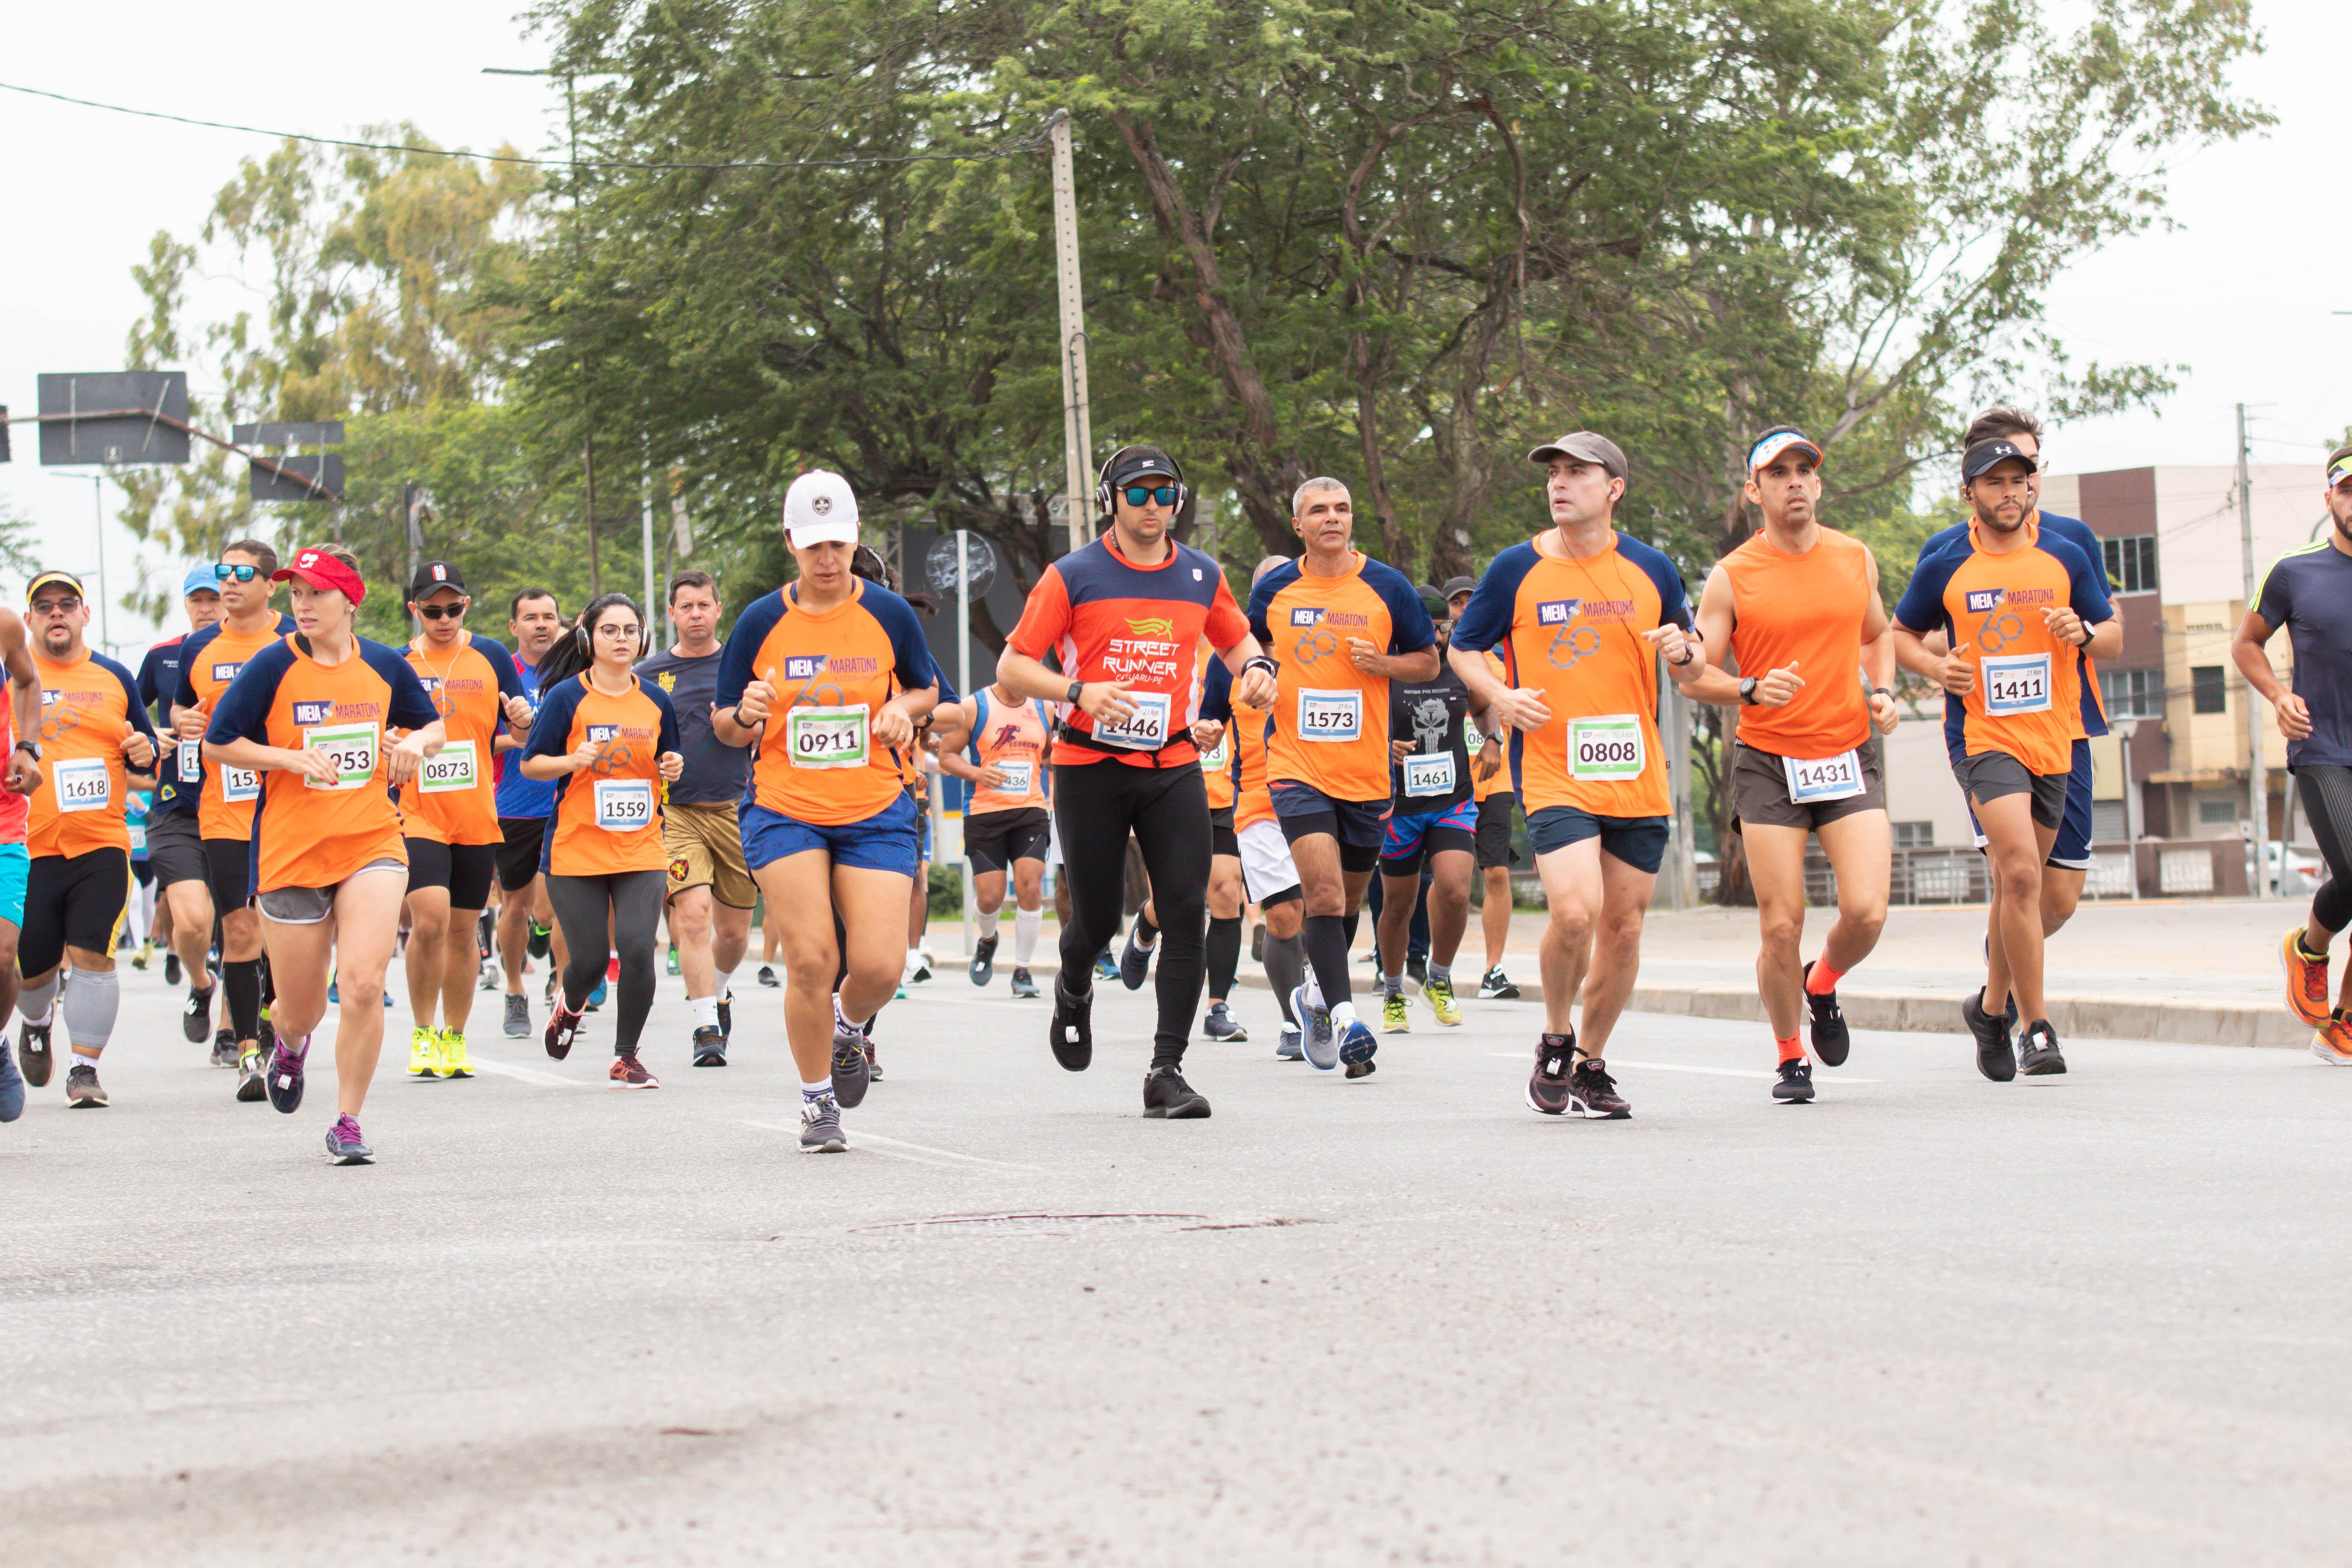 Meia Maratona Asces-Unita conquista as ruas de Caruaru